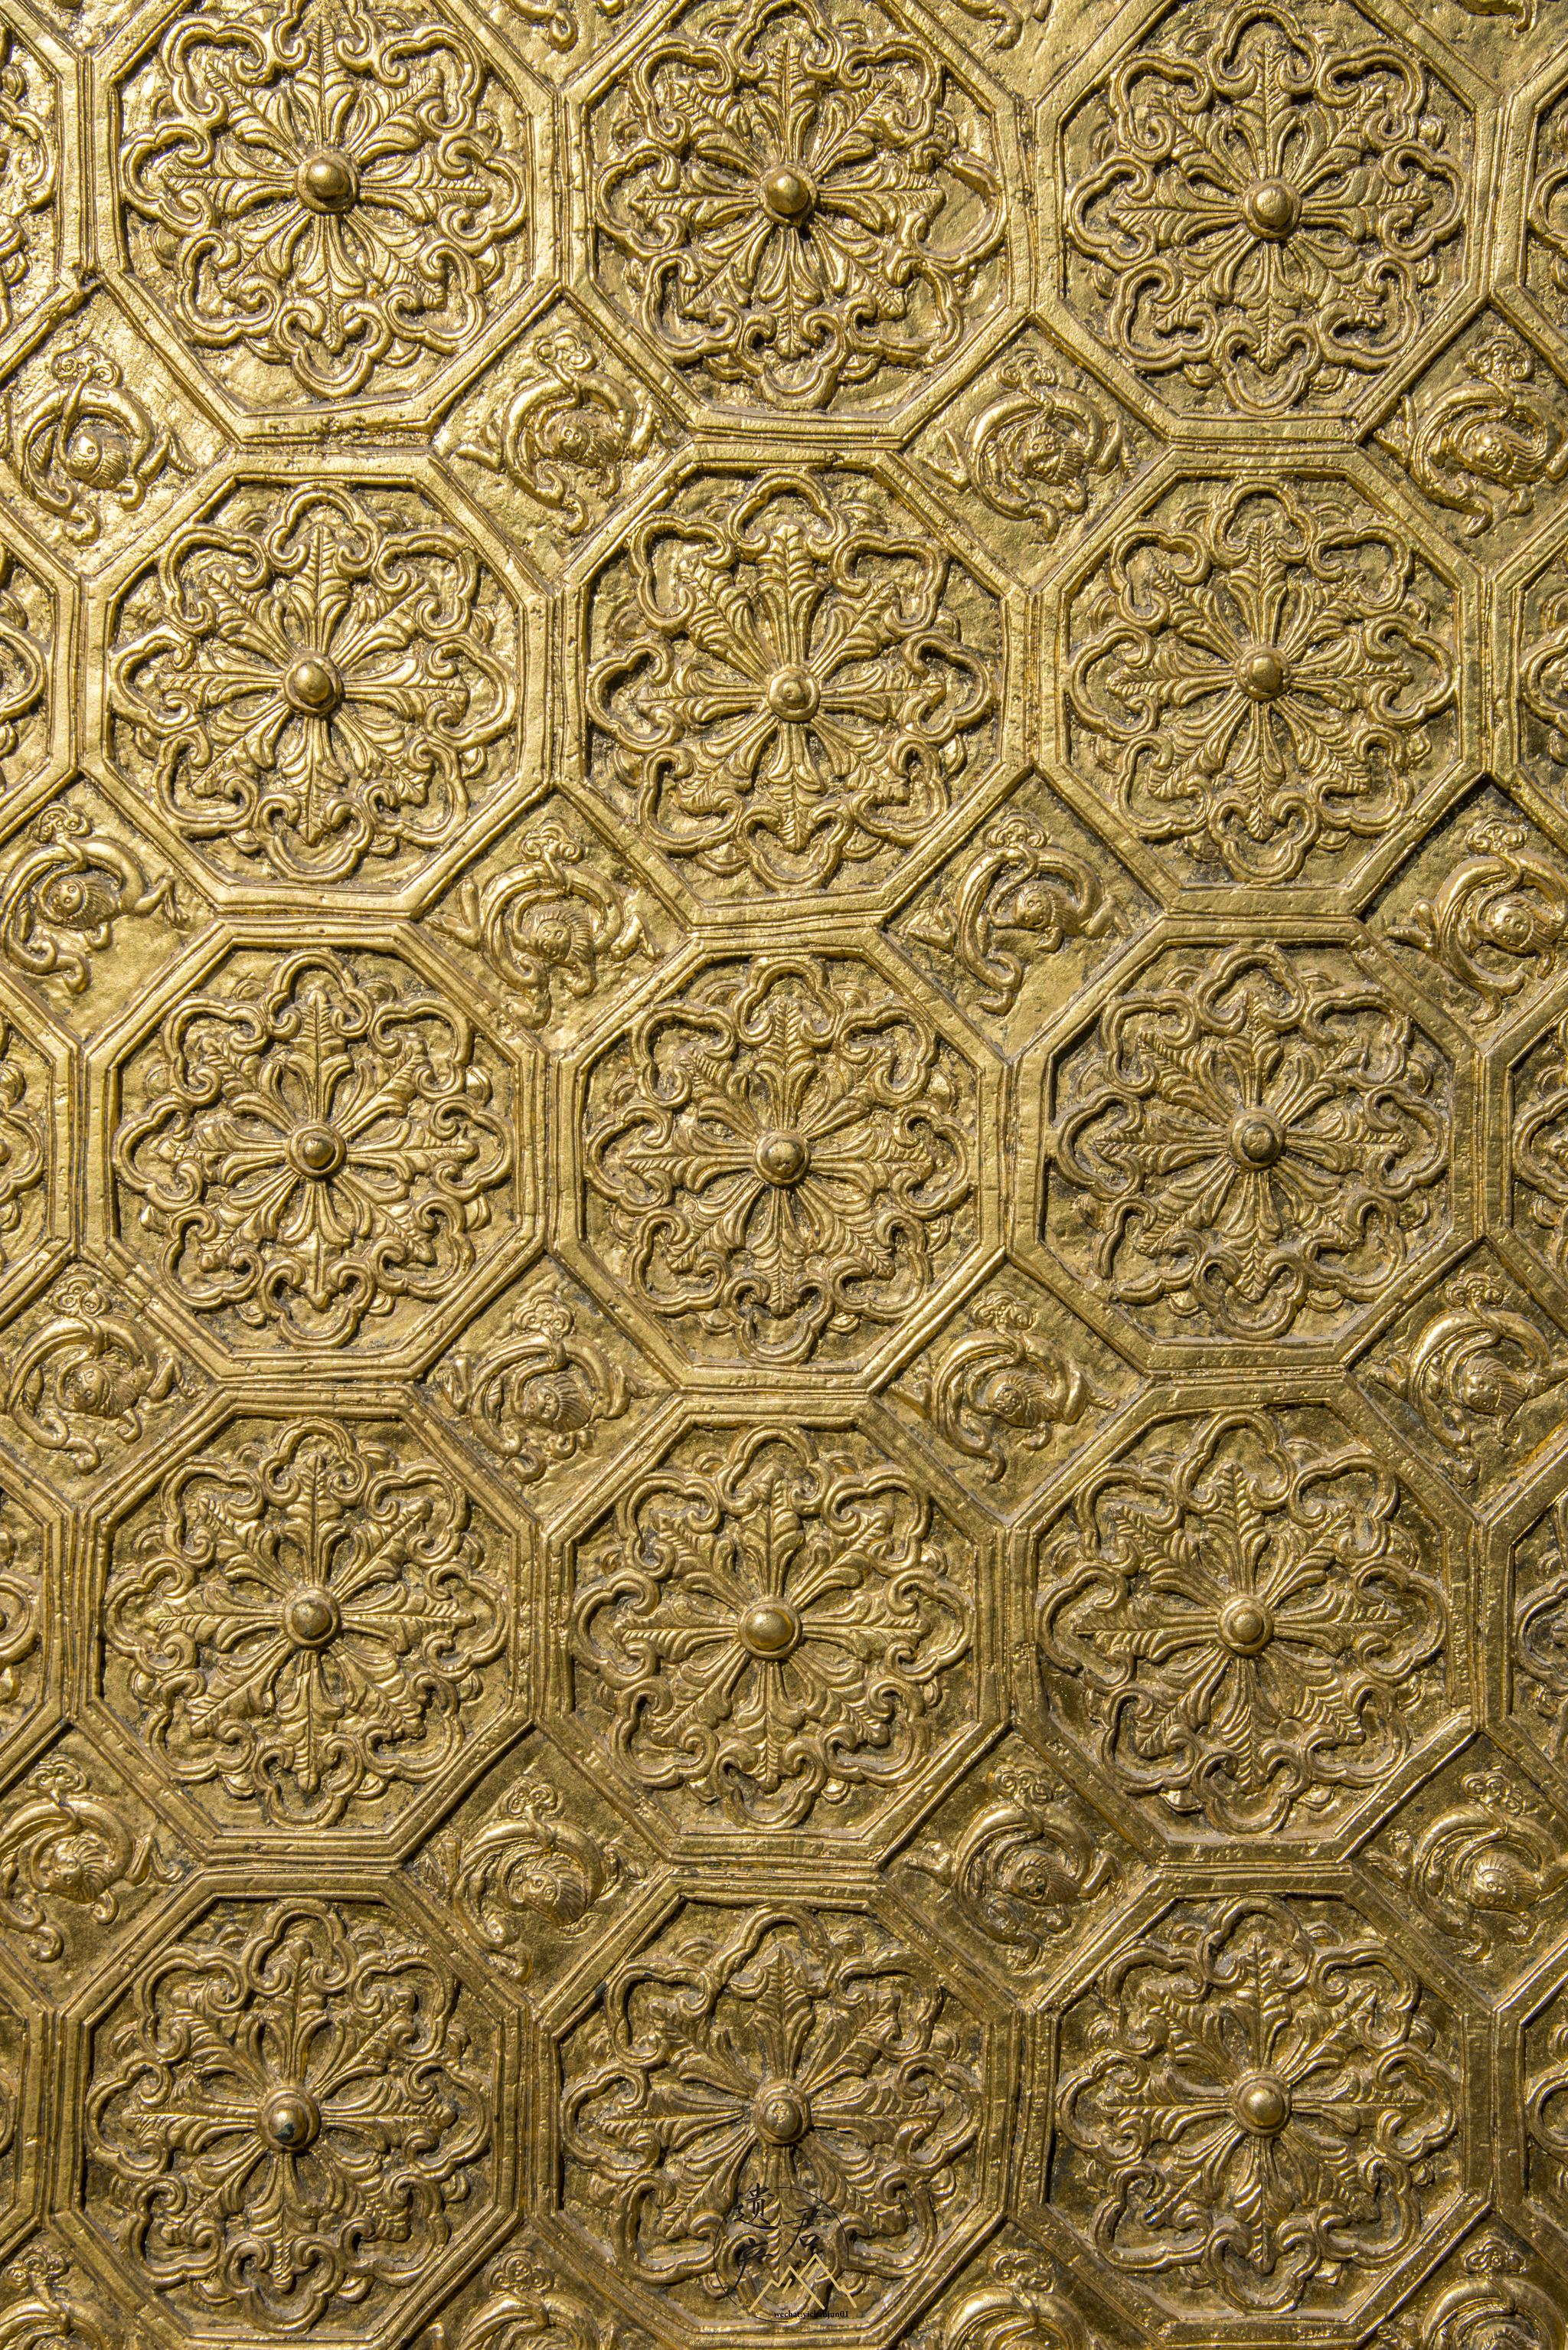 山西五台山明代铜殿的纹饰,又丰富又漂亮